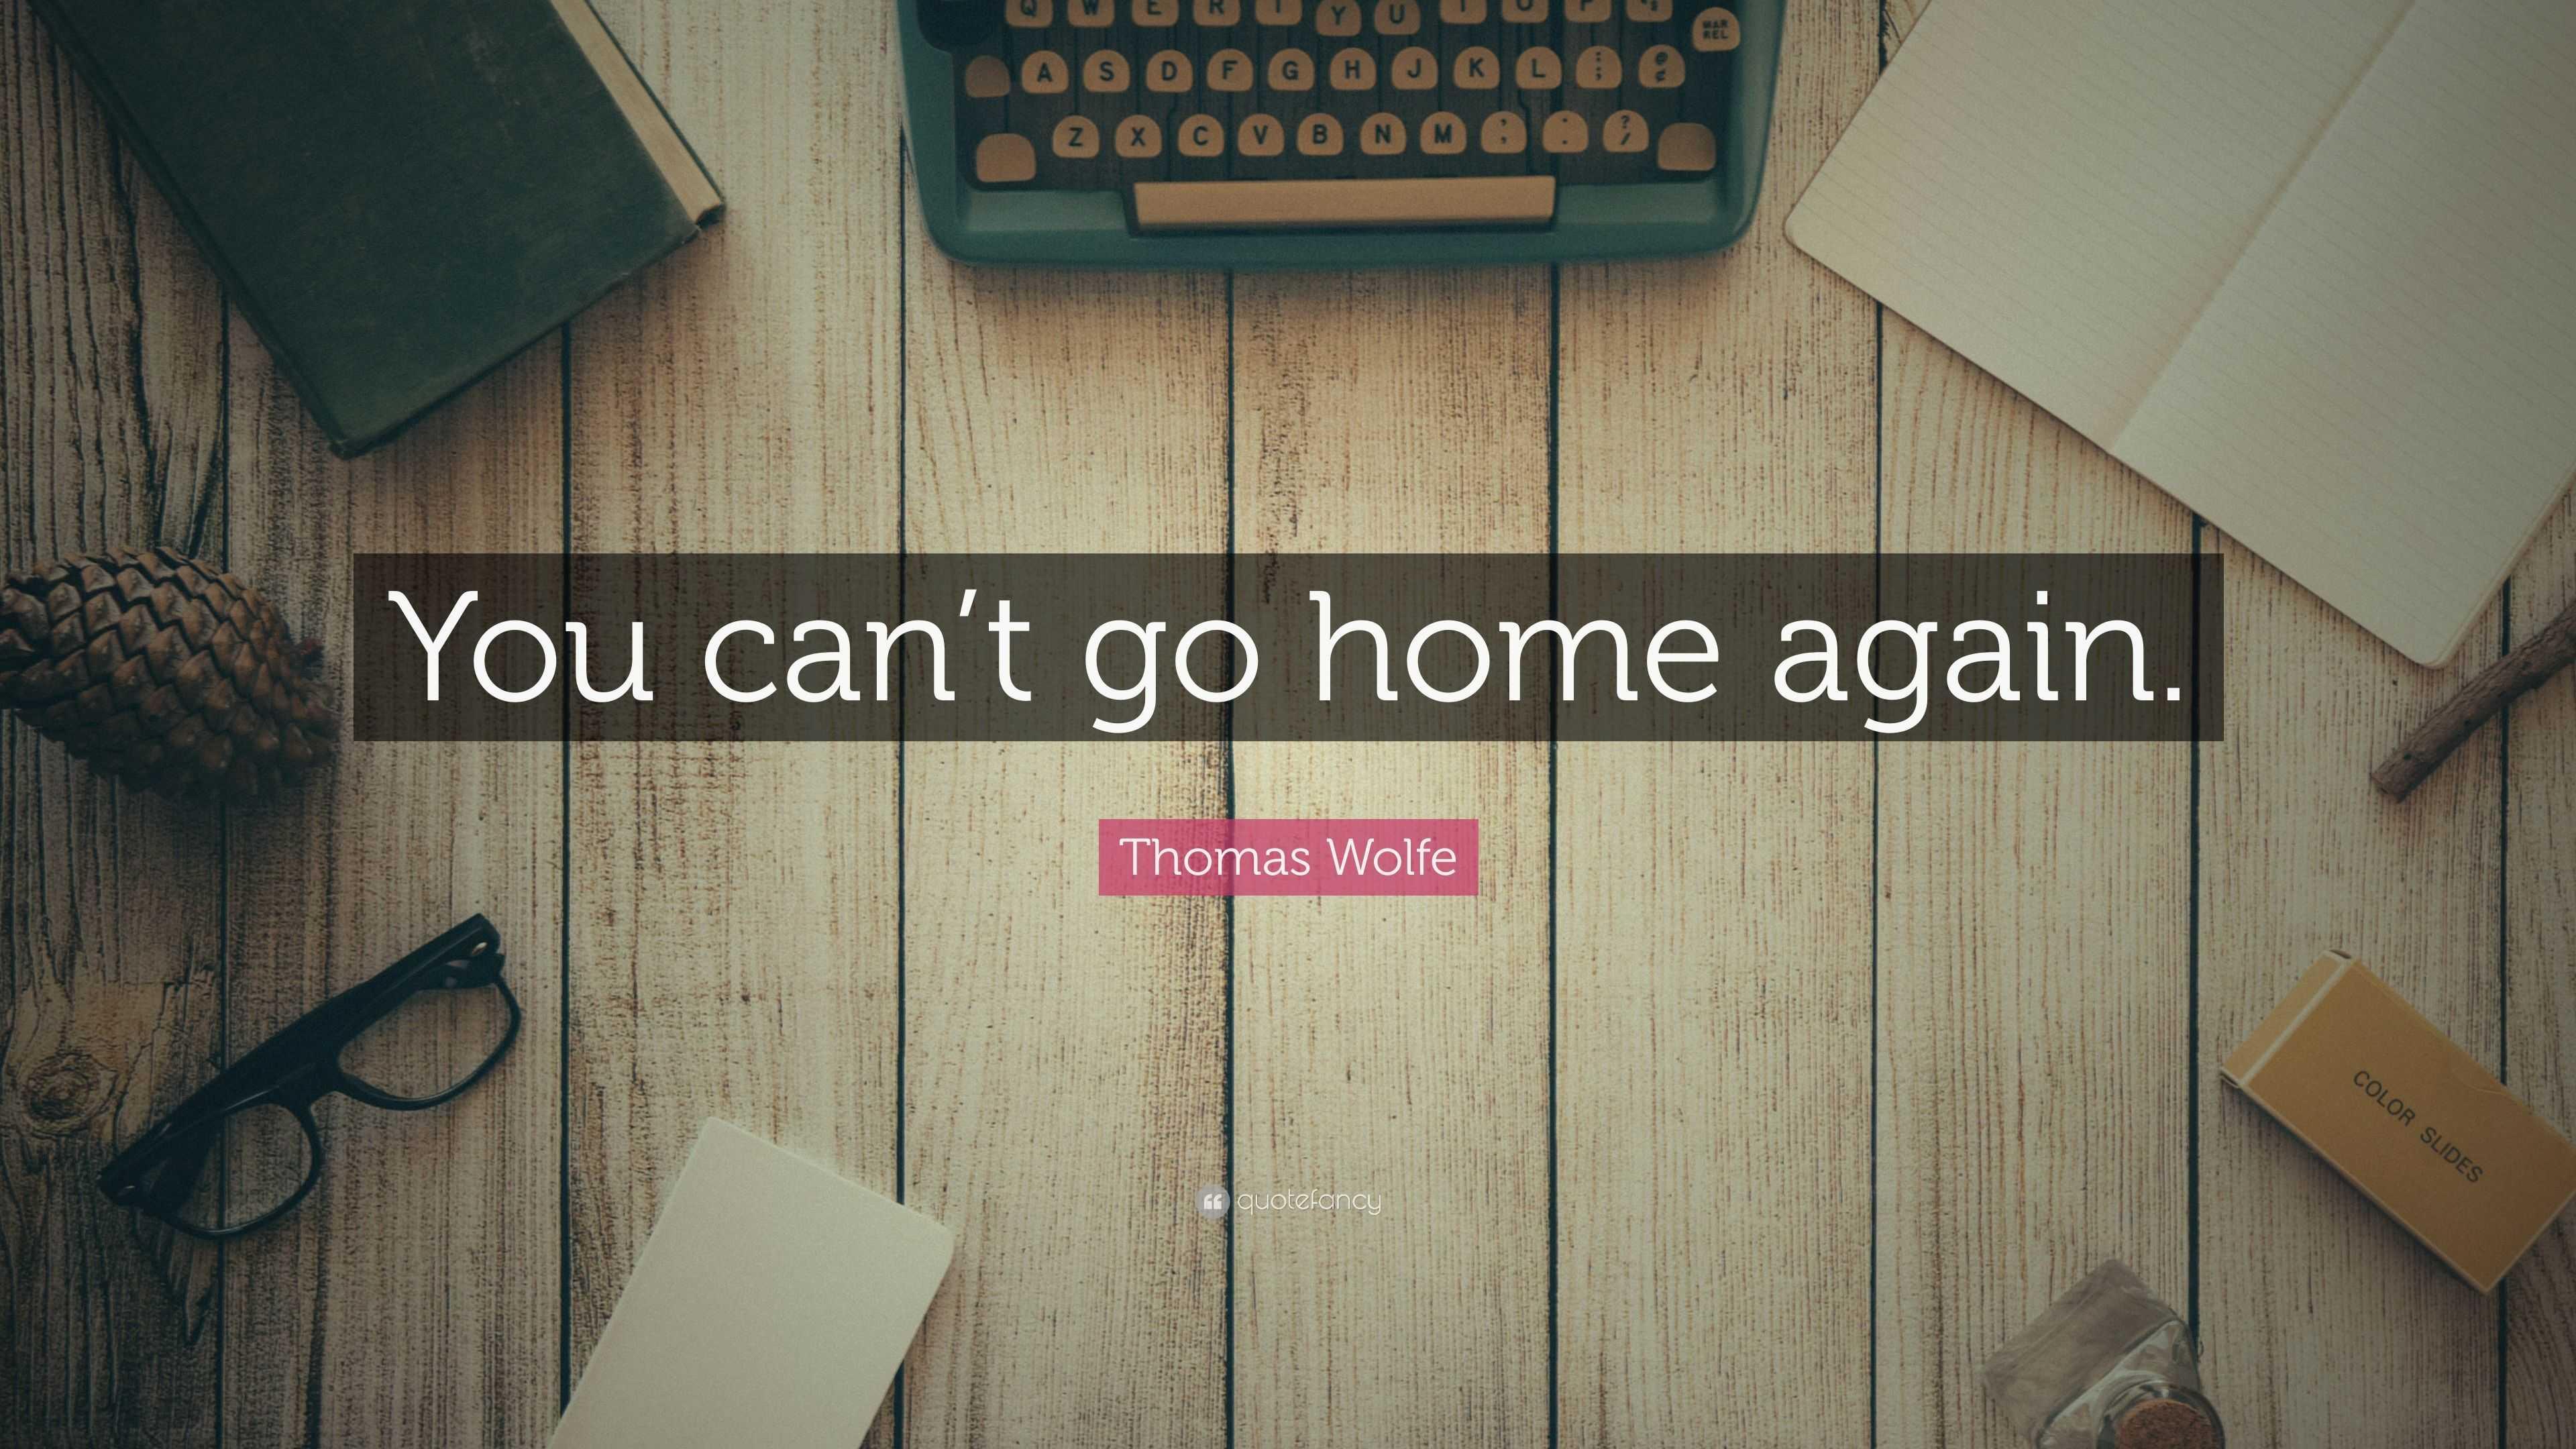 Thomas Wolfe said: